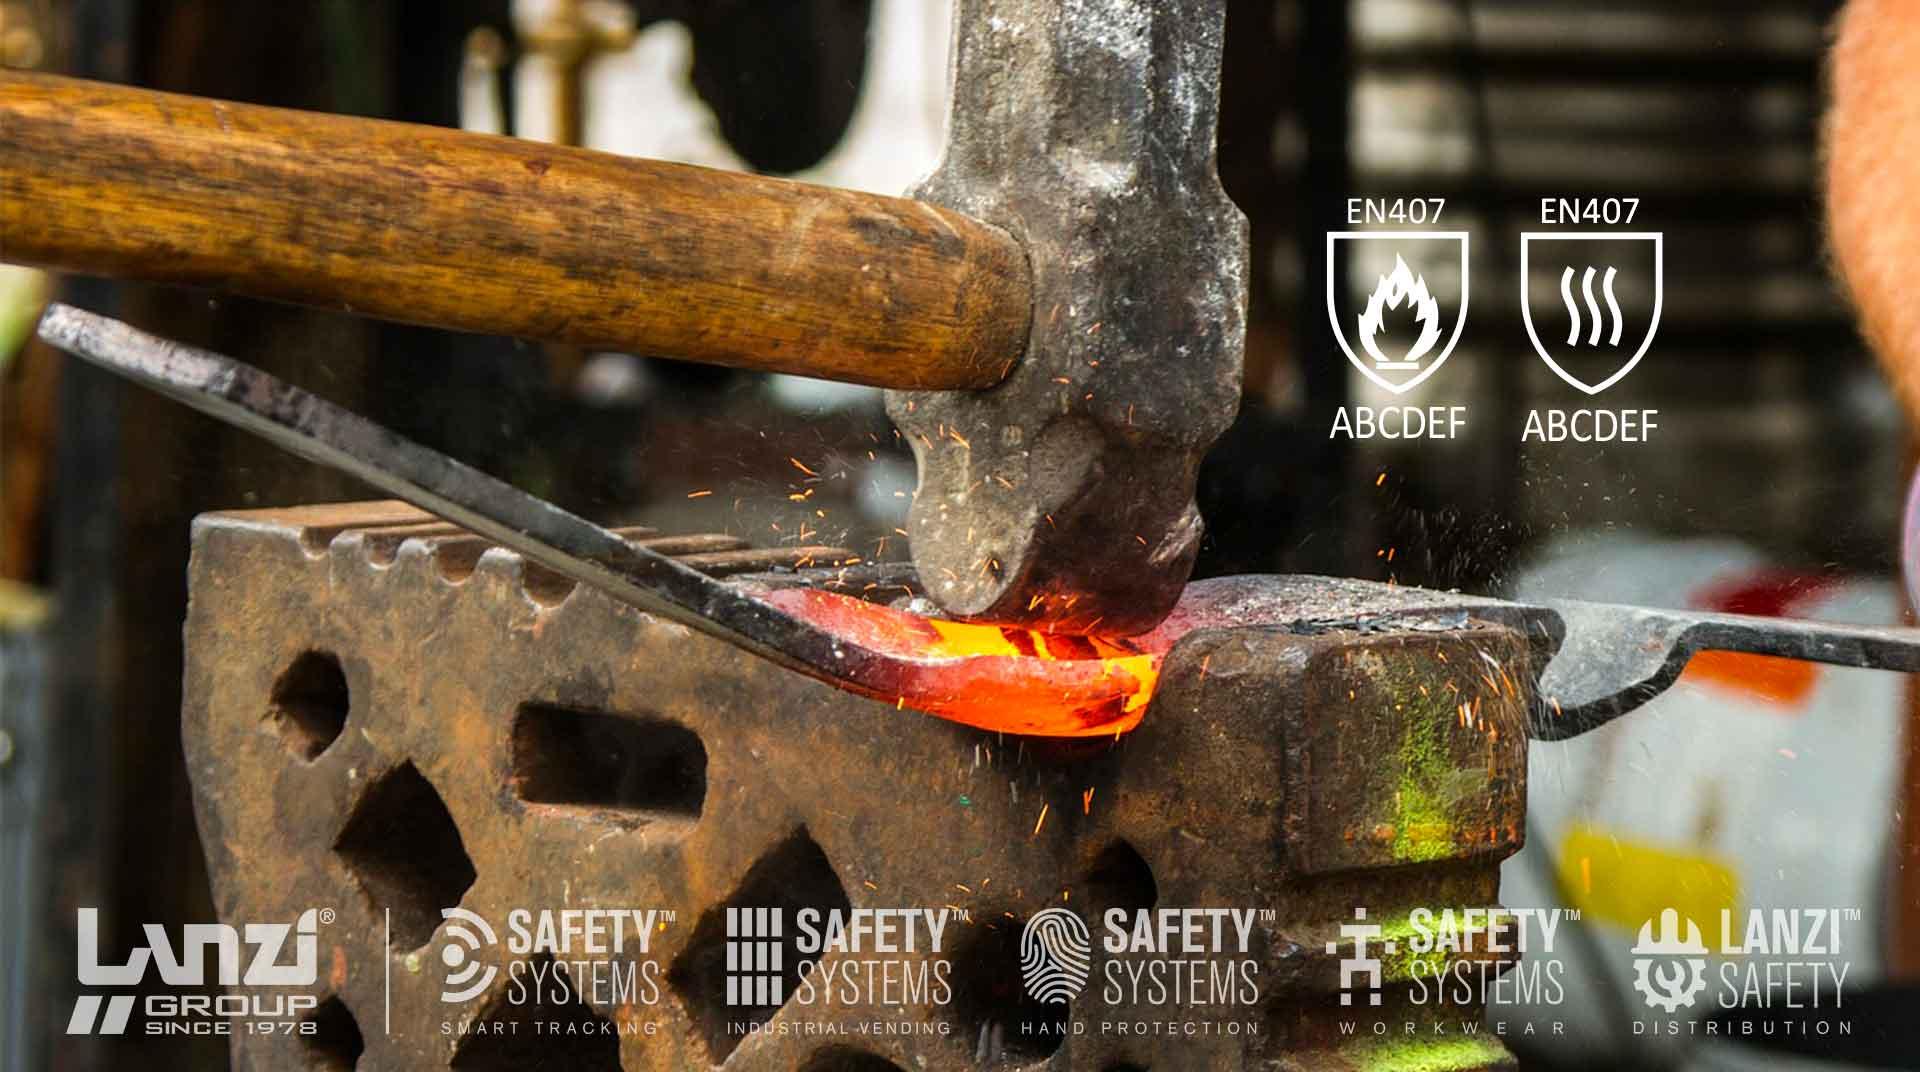 Guanti di protezione contro il calore, aggiornamento norma EN 407:2020